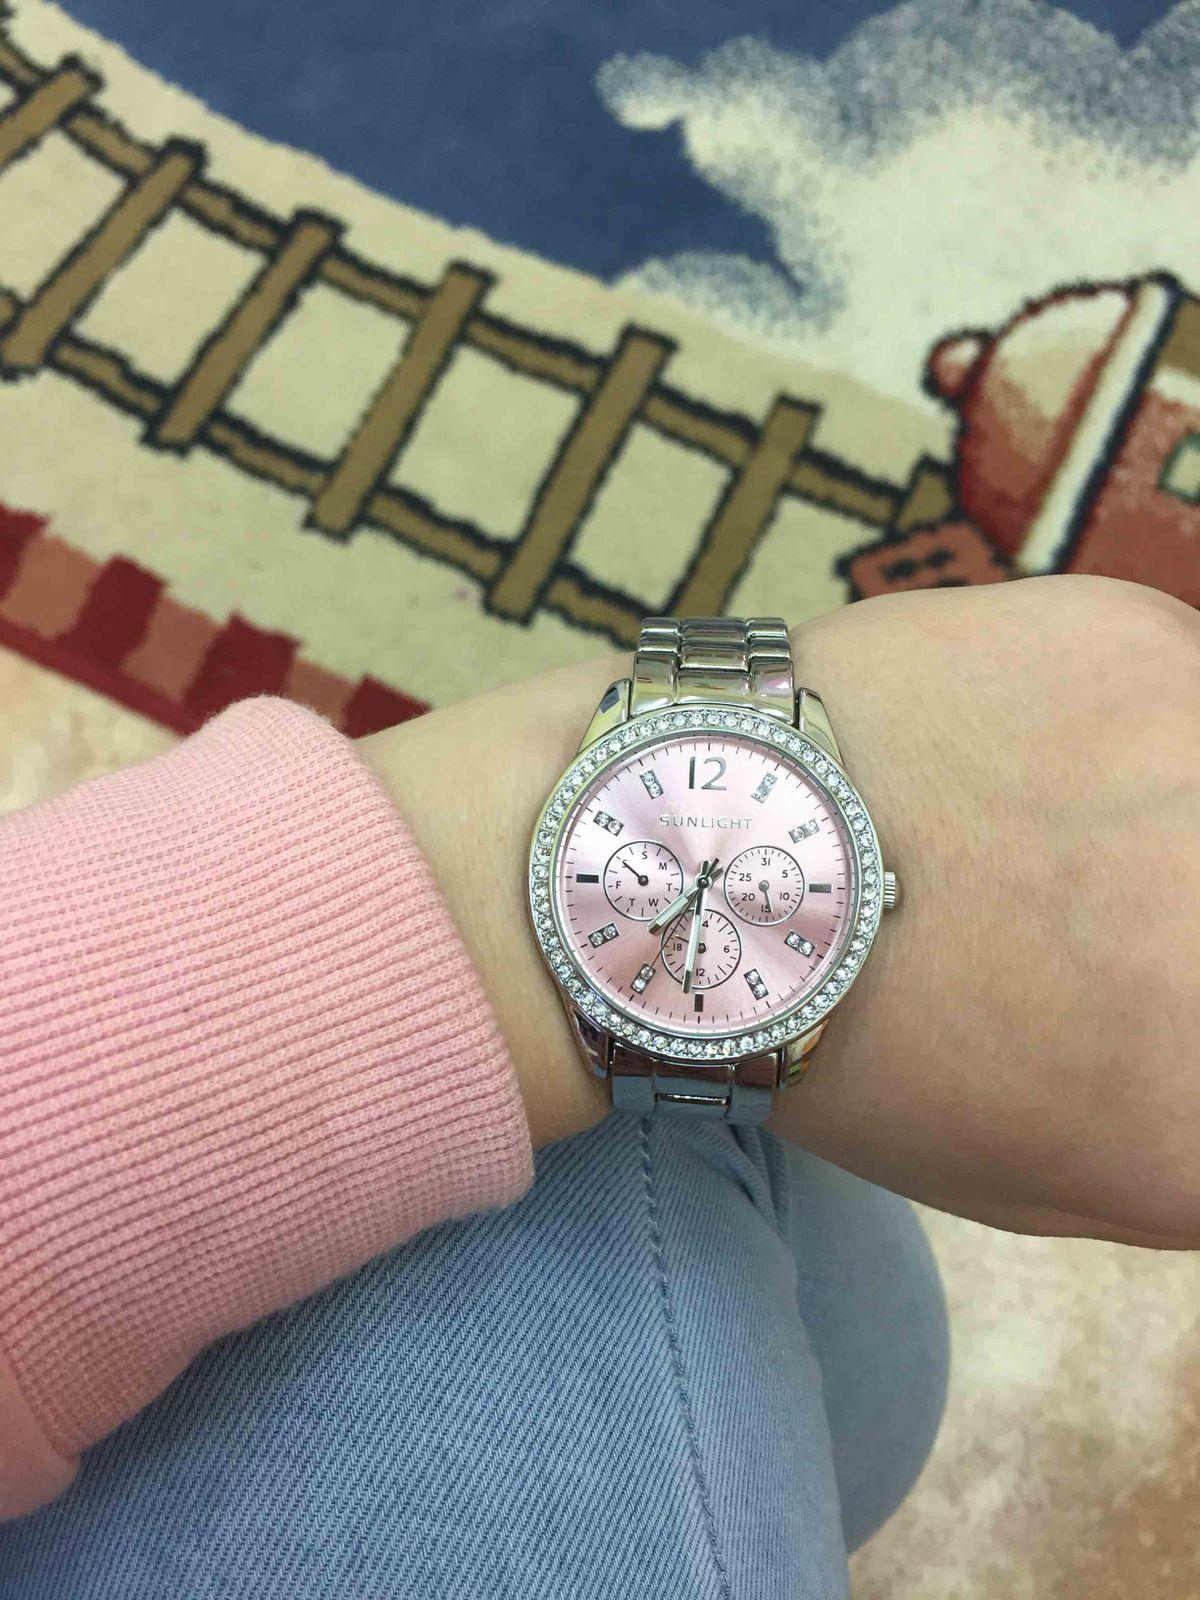 Часы шикарные💕 я в них сразу влюбиласть.  Спасибо sunlight